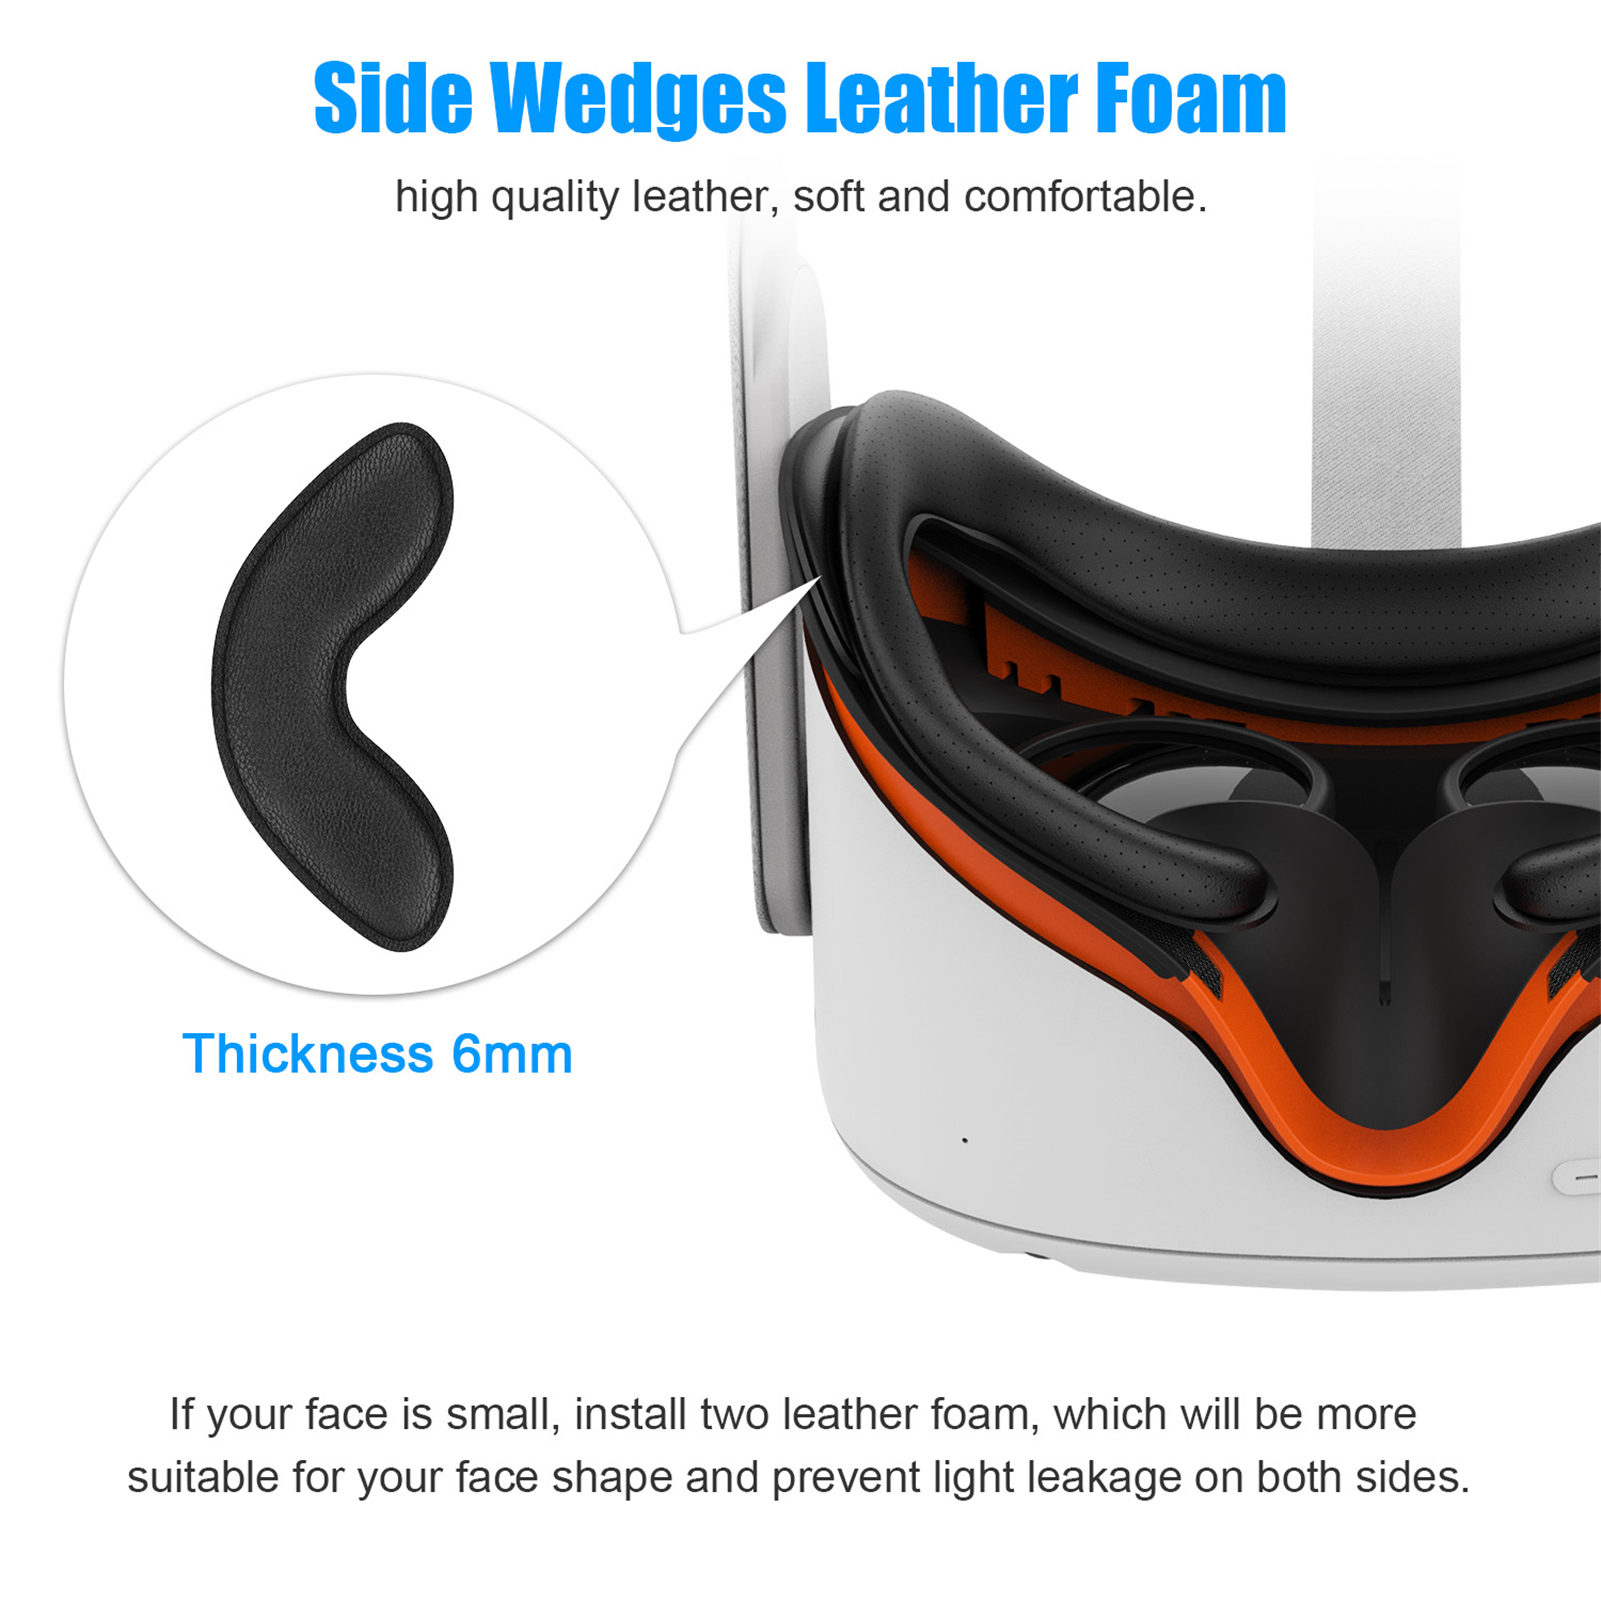 Vr face cover protetor facial para oculus ques 2 sweatproof vr lente capa para oculus quest 2 à prova de vazamento nariz almofada dropship